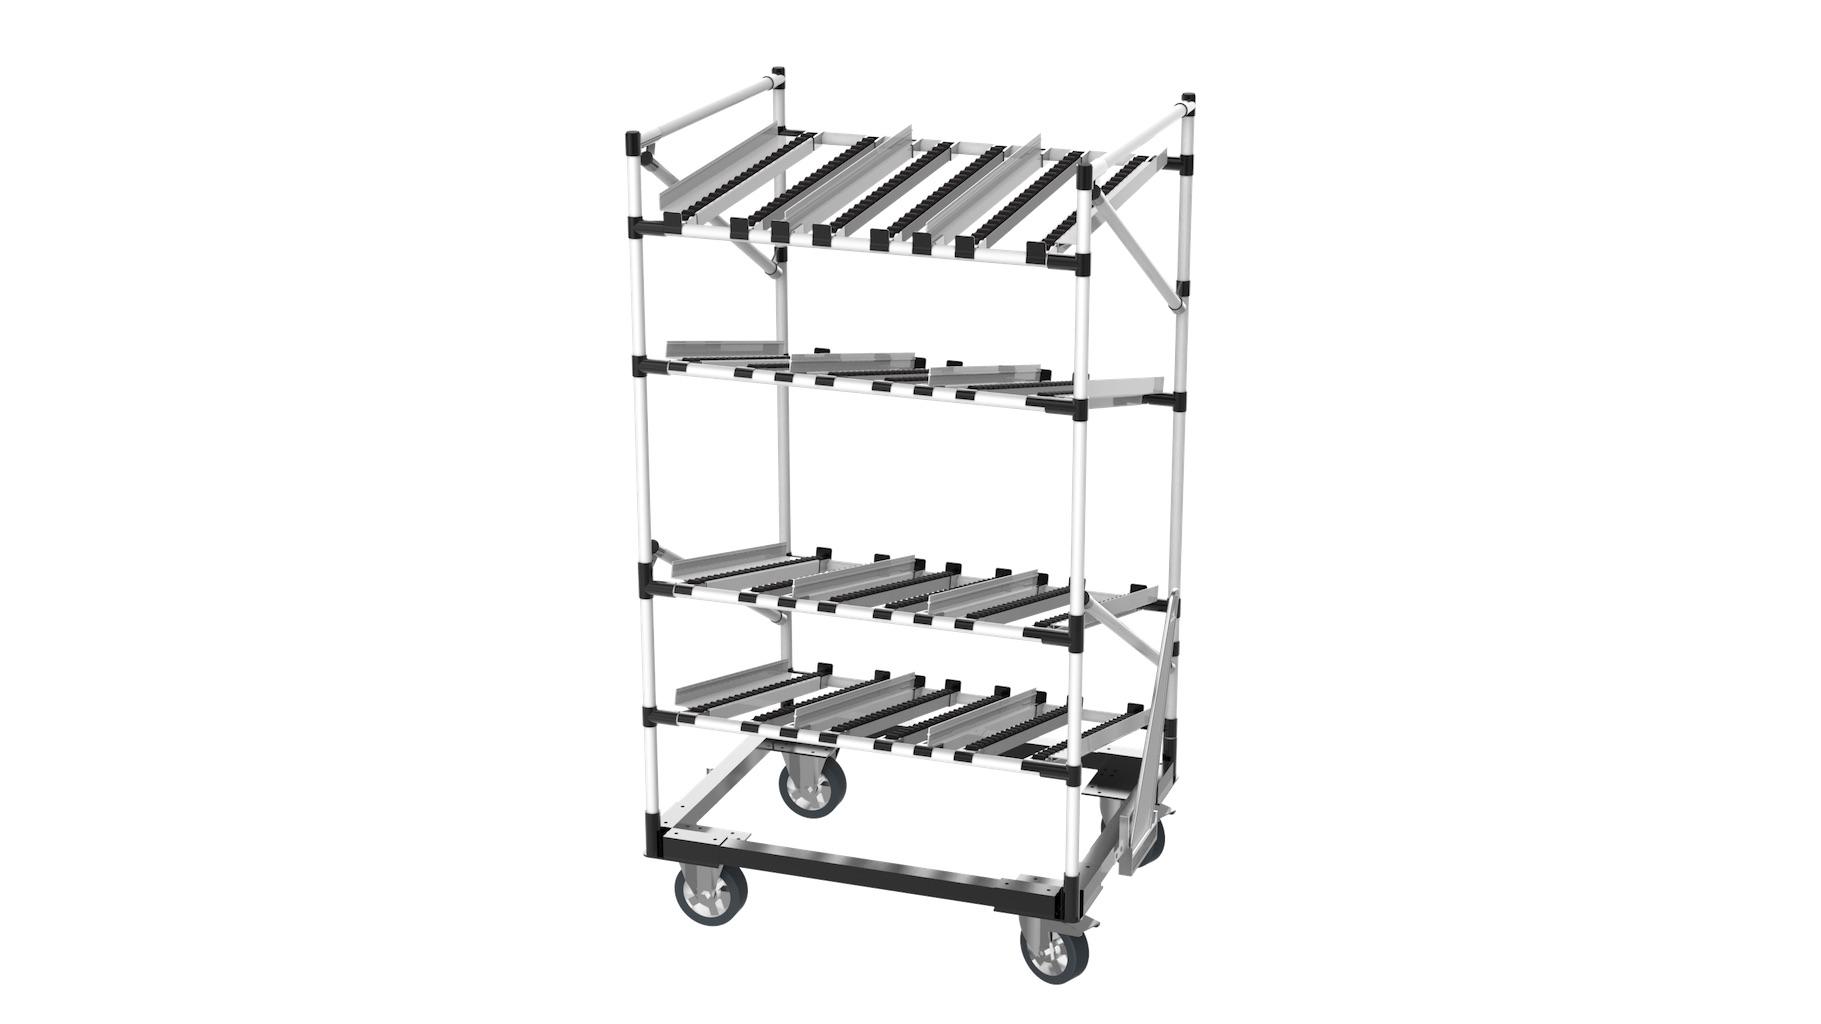 Agriculture - Chariot à embase métallique de type rack dynamique, pour le transport de bacs KLT. Composé de 3 niveaux d'approvisionnement et d'un niveau de retour de vide, il est idéal pour une gestion FIFO des stocks.